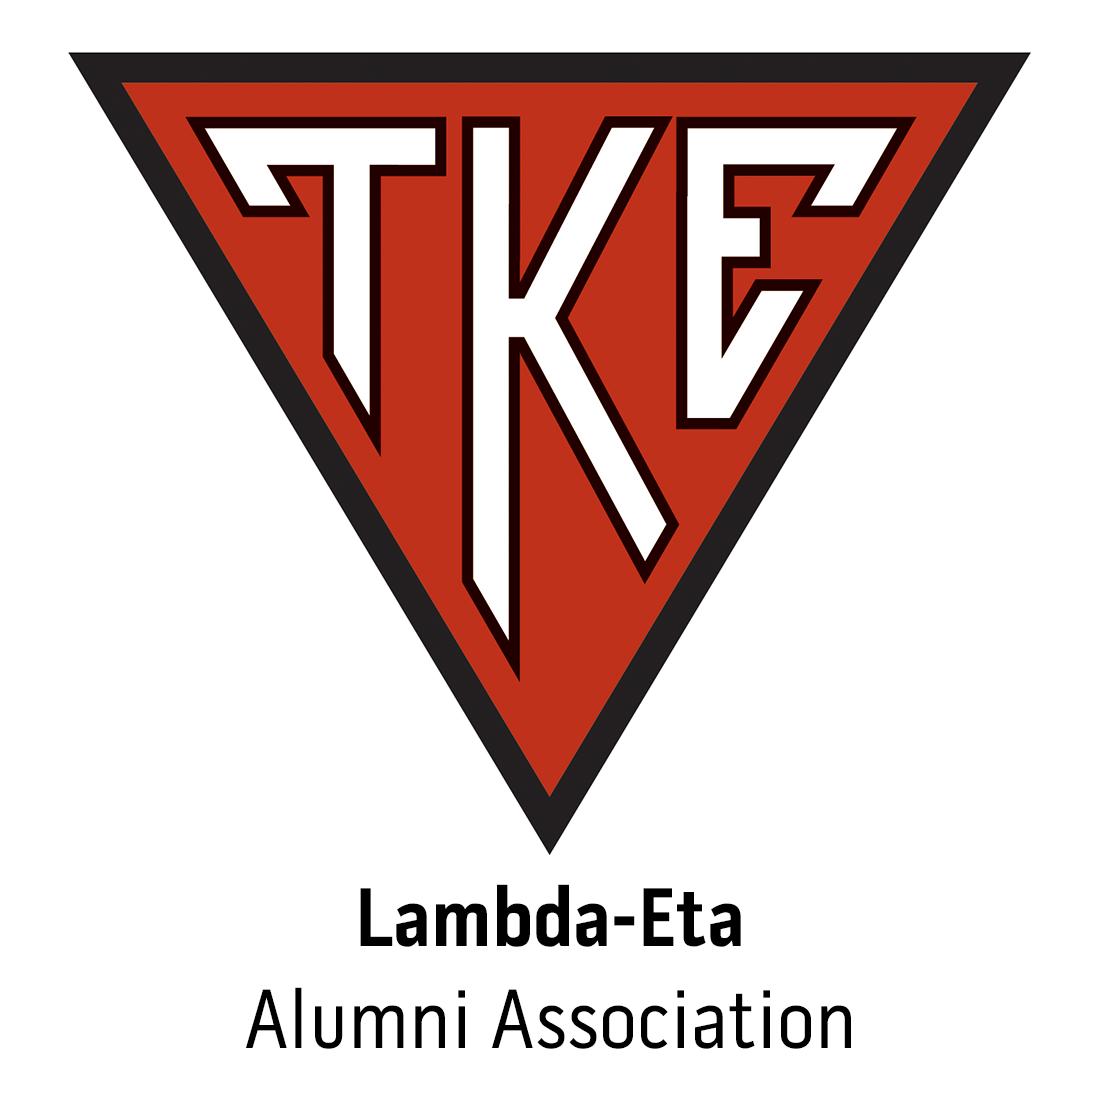 Lambda-Eta Alumni Association for University of Iowa